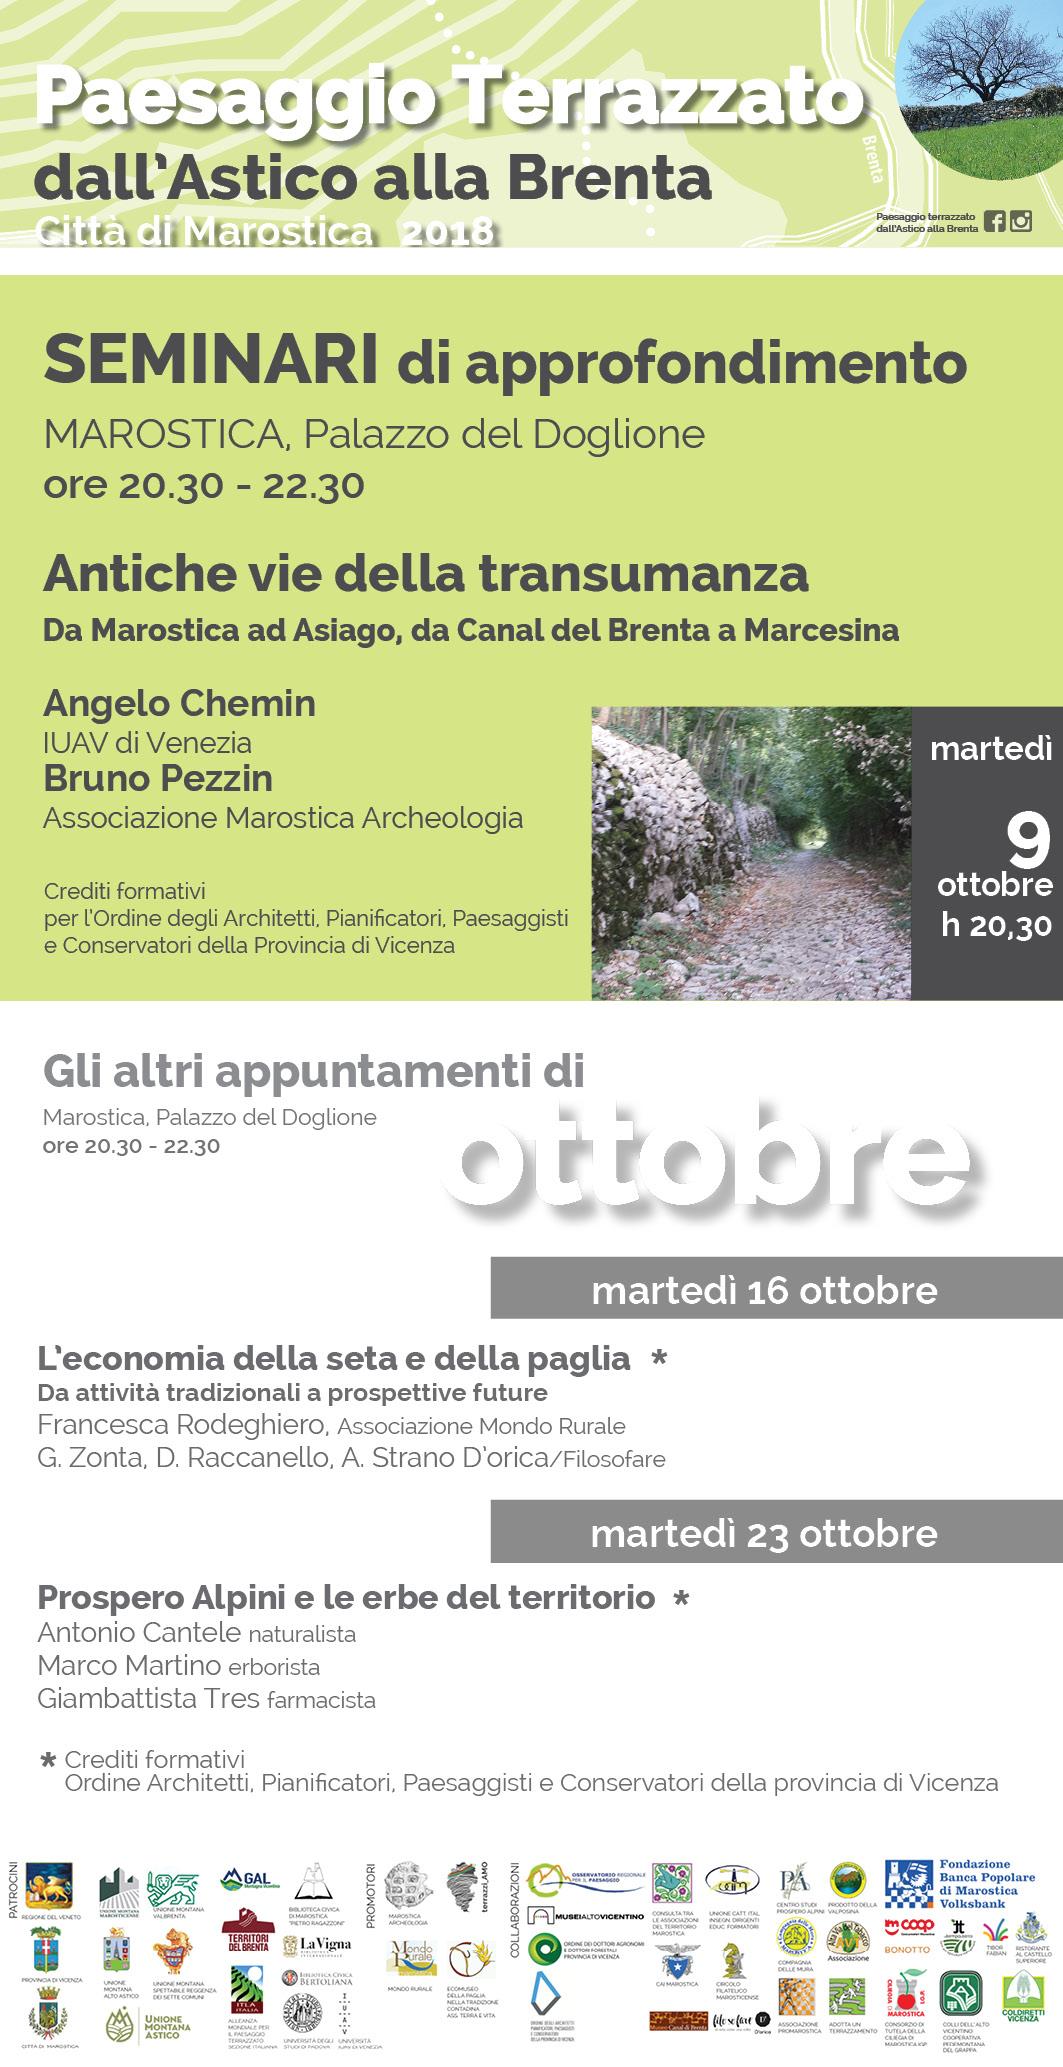 Paesaggio Terrazzato dall'Astico alla Brenta: Seminari di approfondimento